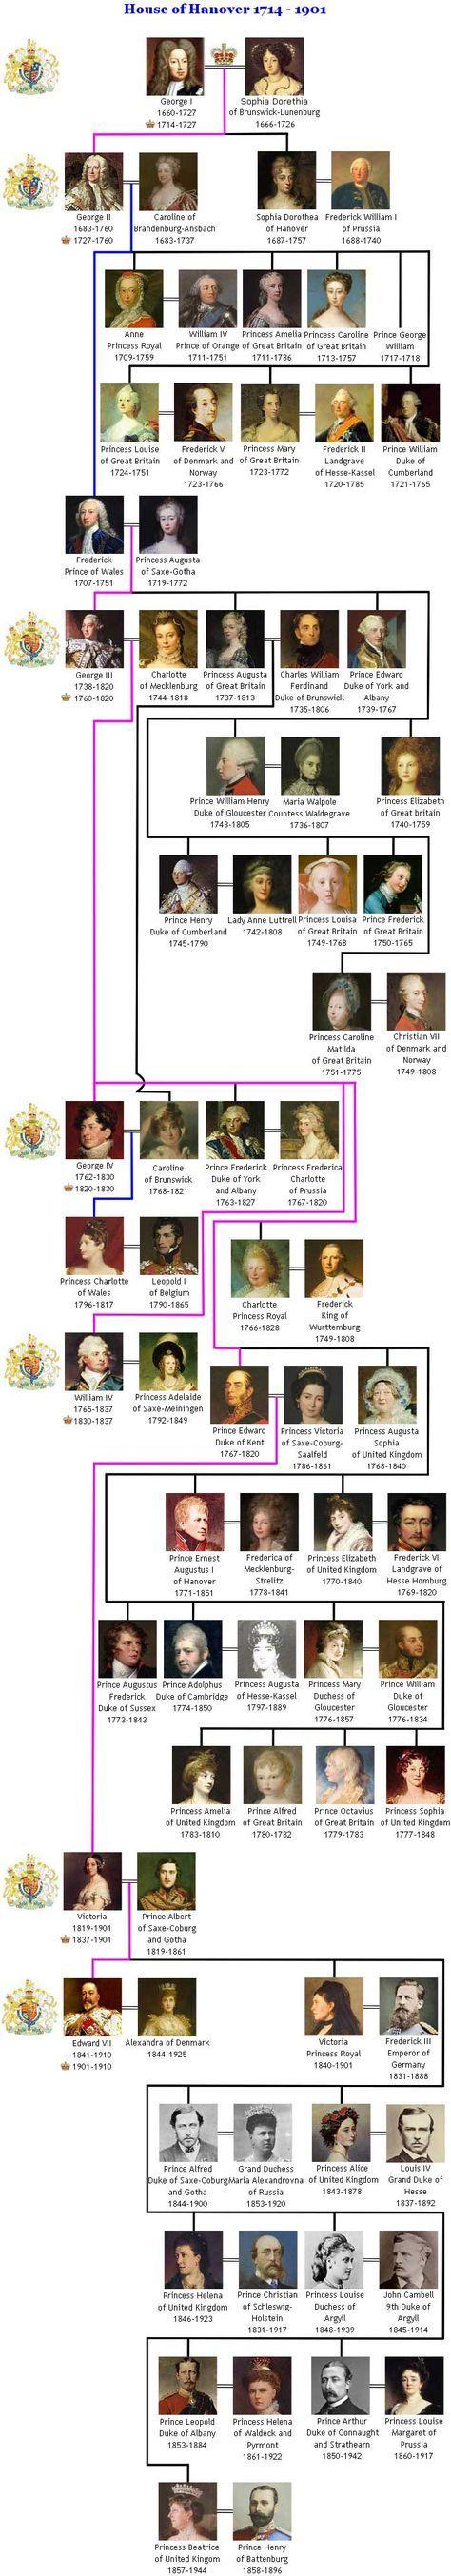 les 25 meilleures id es de la cat gorie arbre g n alogique de la famille royale anglaise sur. Black Bedroom Furniture Sets. Home Design Ideas